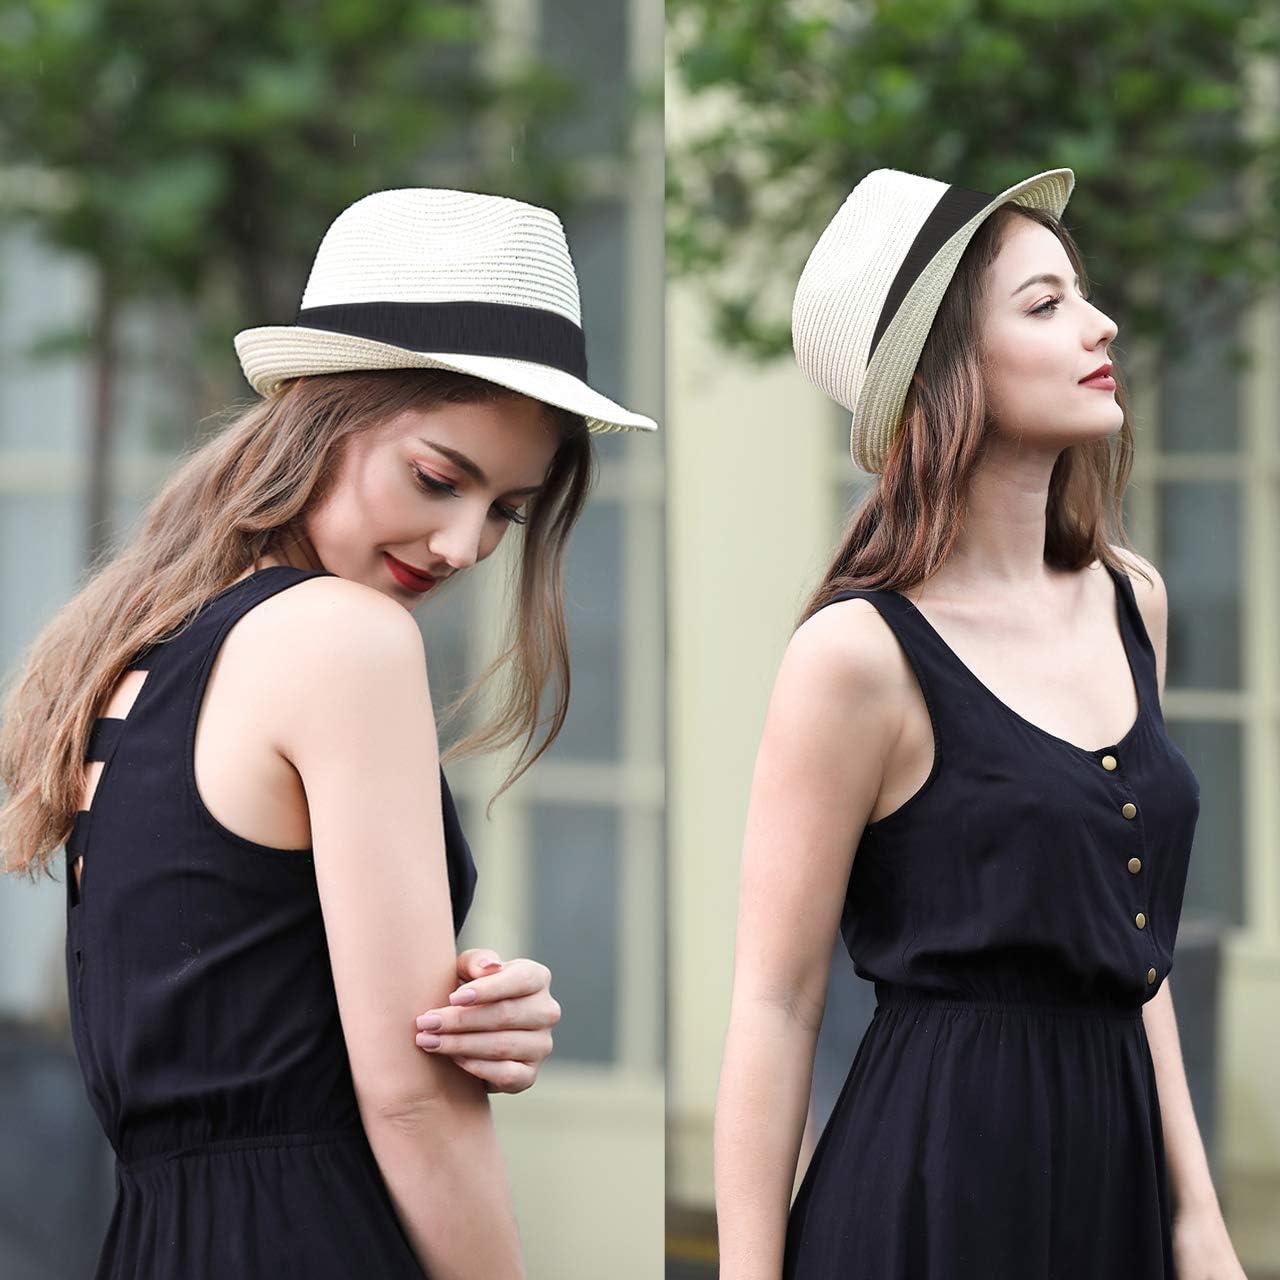 CHIC DIARY Panama Summer Fedora Trilby cappello da sole in paglia per uomini e donne cappello da spiaggia classico